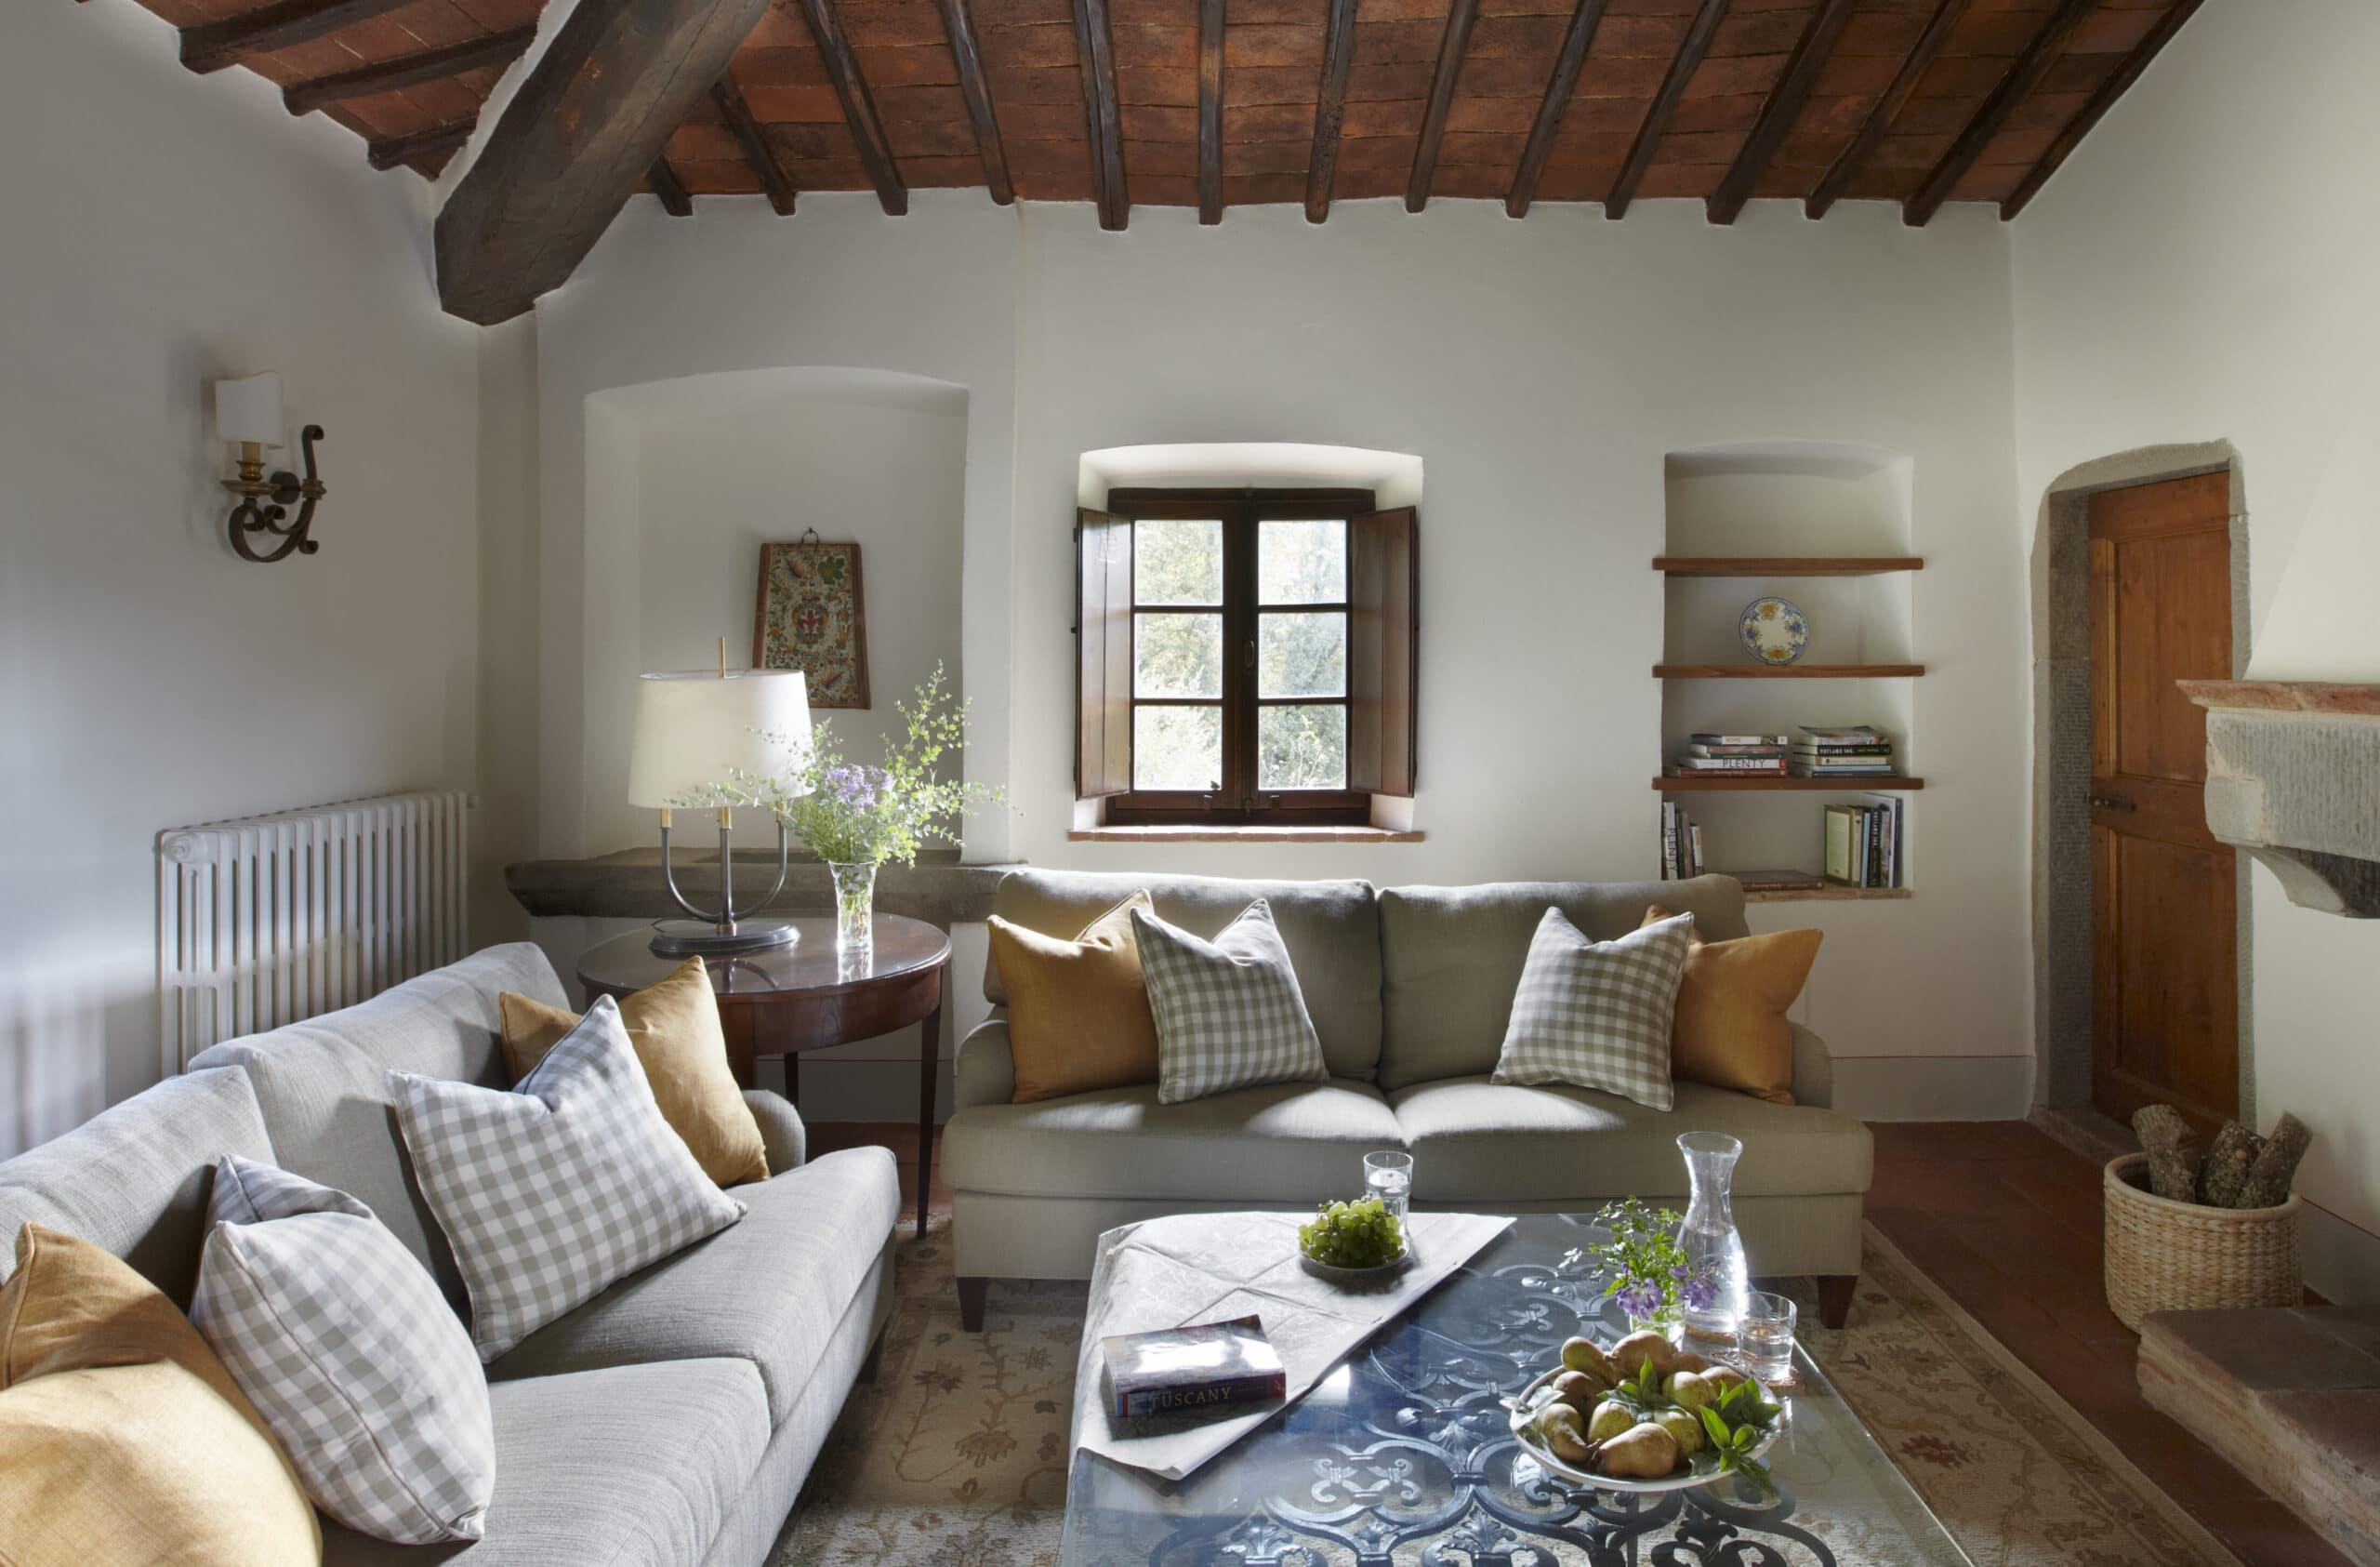 Italian luxury interior design